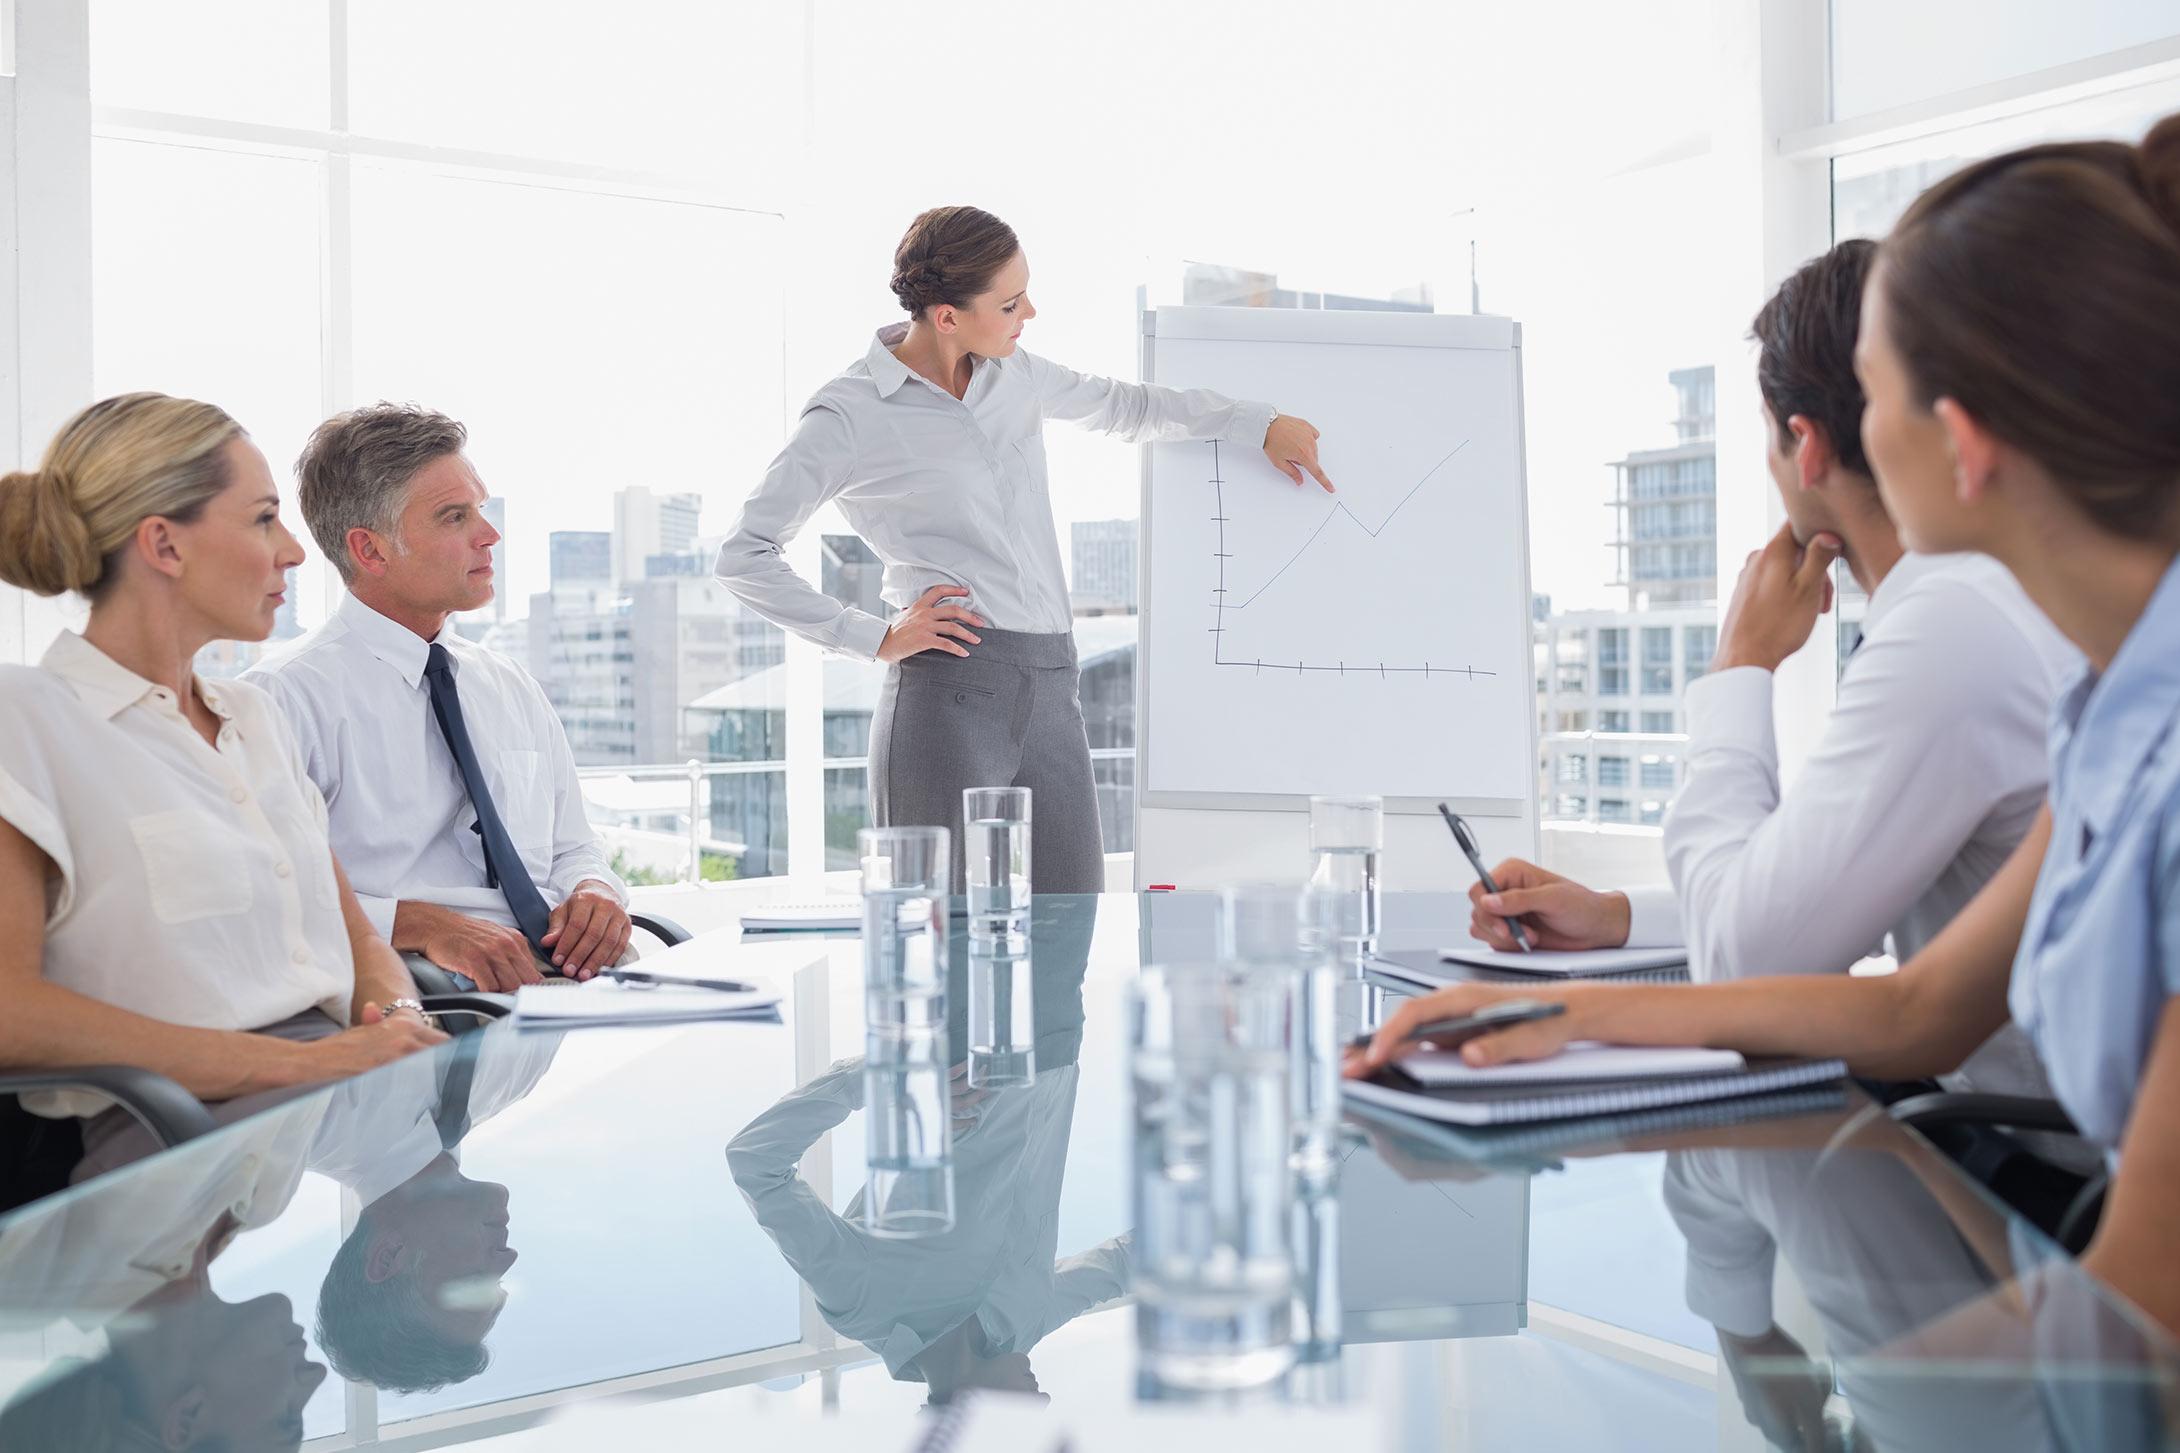 Jogi szókinccsel bővített tárgyalástechnika angol nyelven